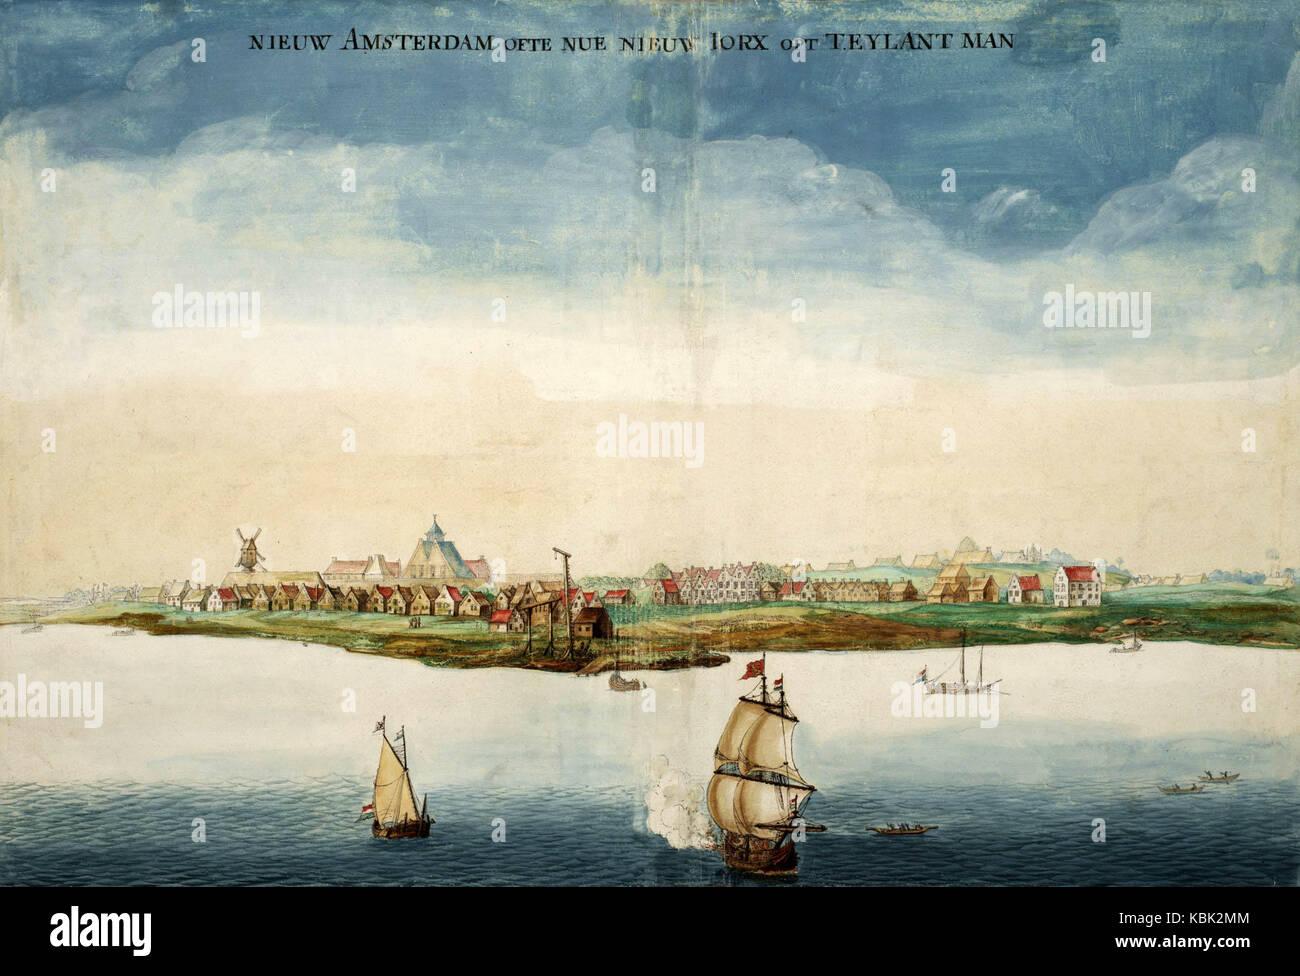 New Amsterdam, centrato nell'eventuale Lower Manhattan, nel 1664, anno in Inghilterra ha preso il controllo Immagini Stock